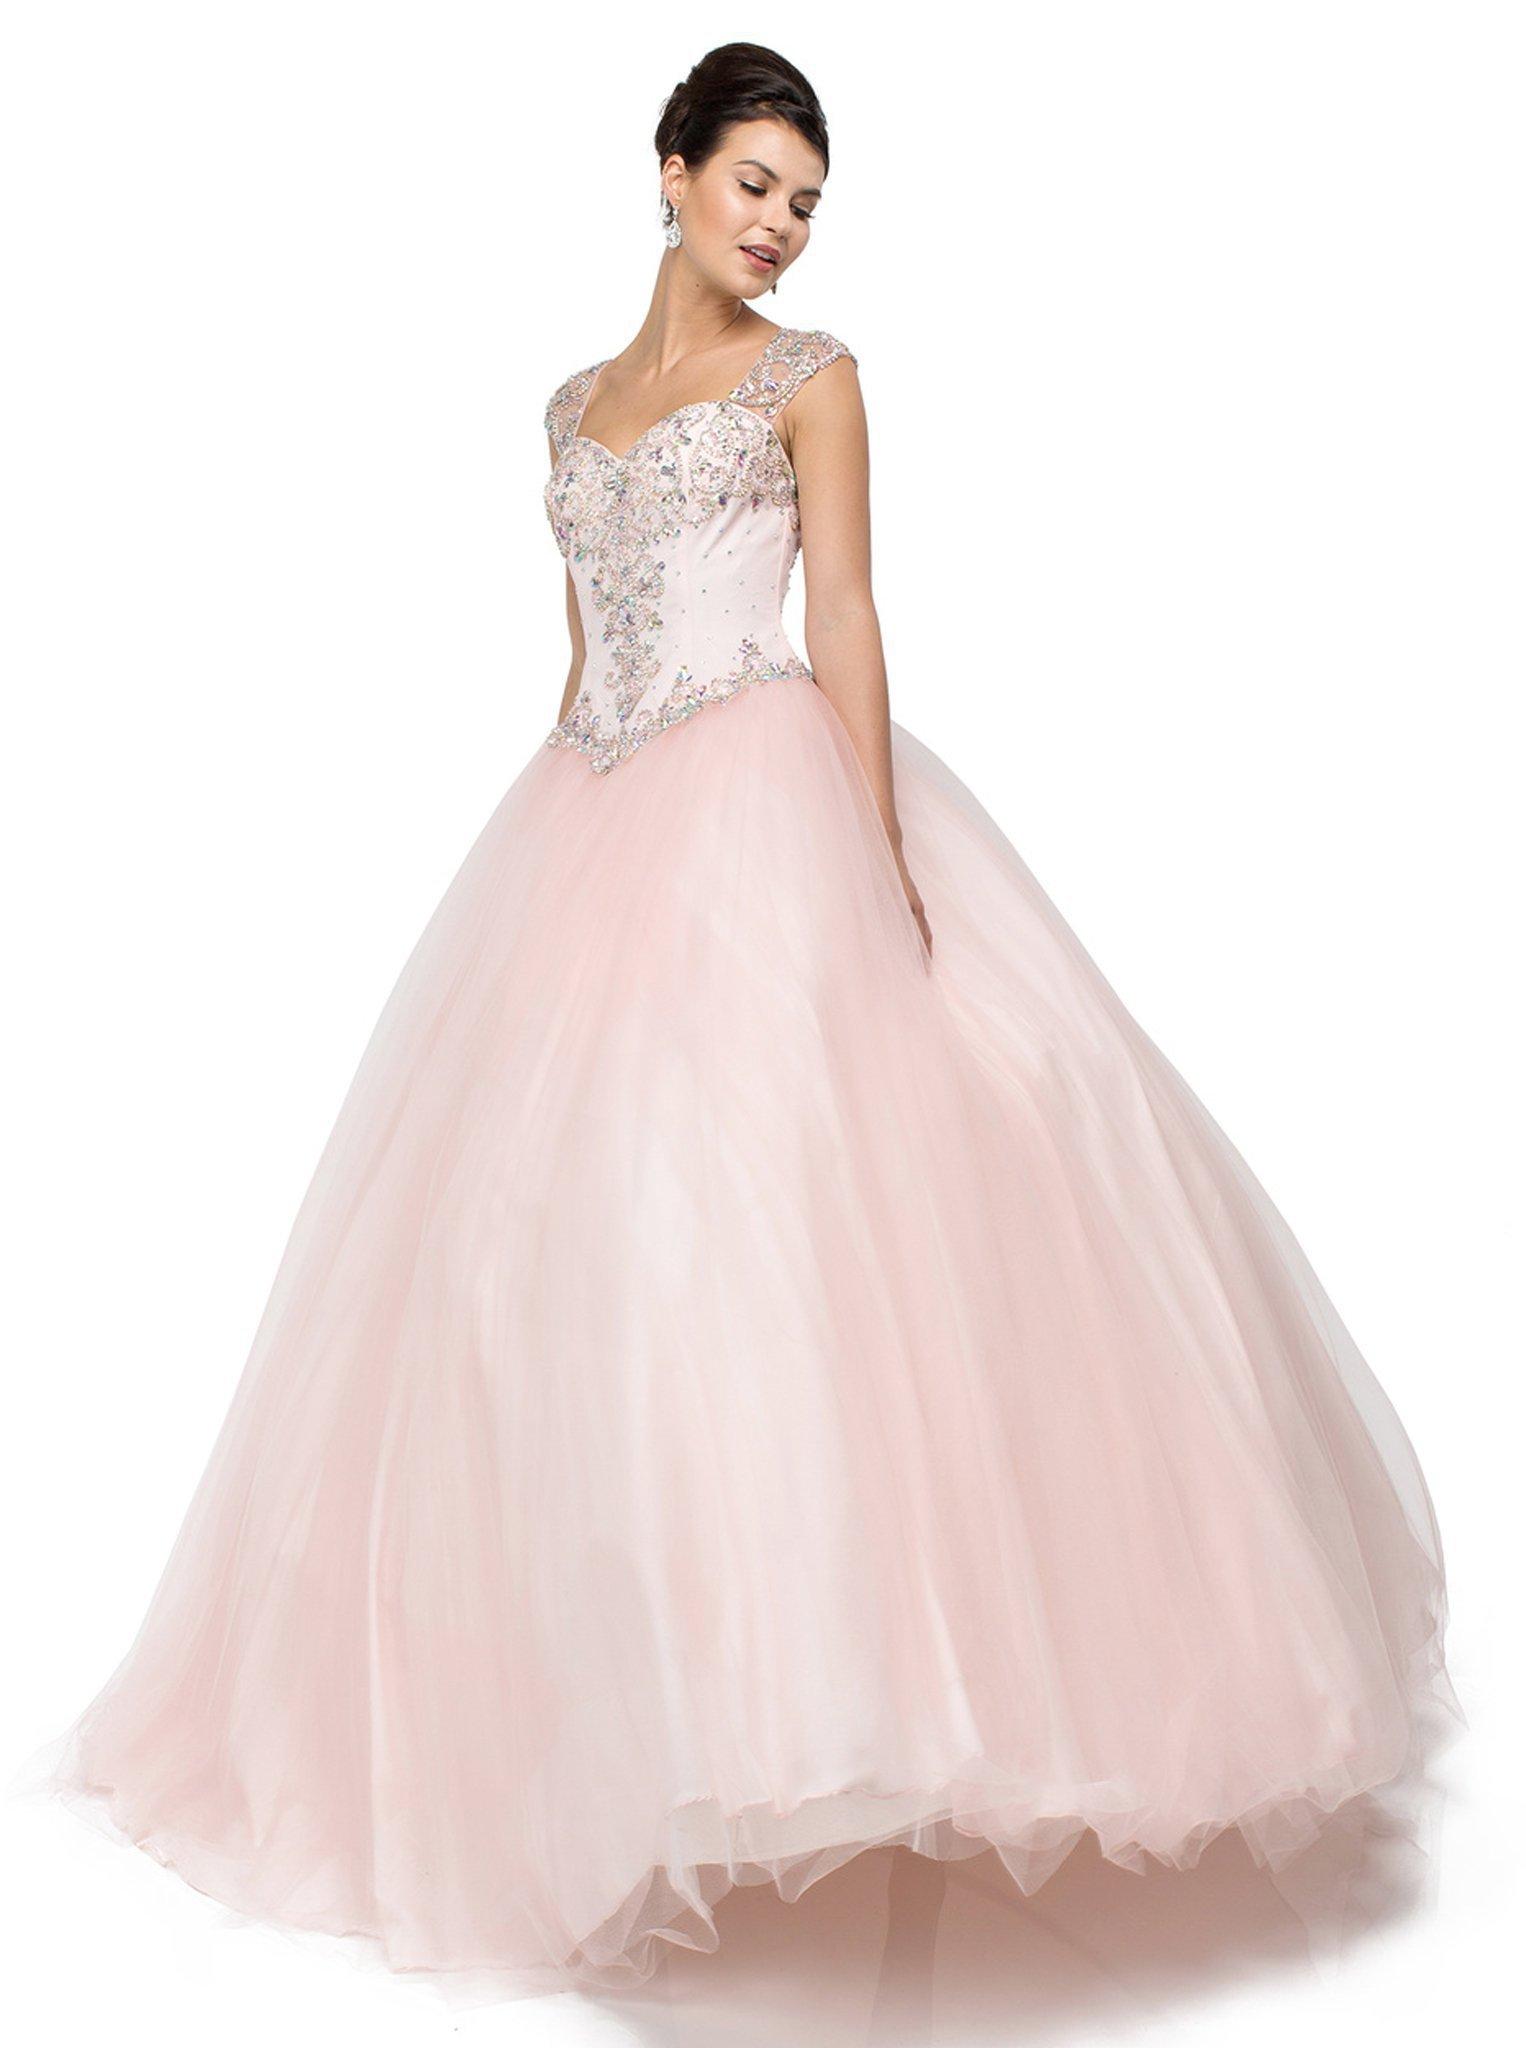 Dancing Queen - 1104 Beaded Pink Sweetheart Quinceanera Ball Gown